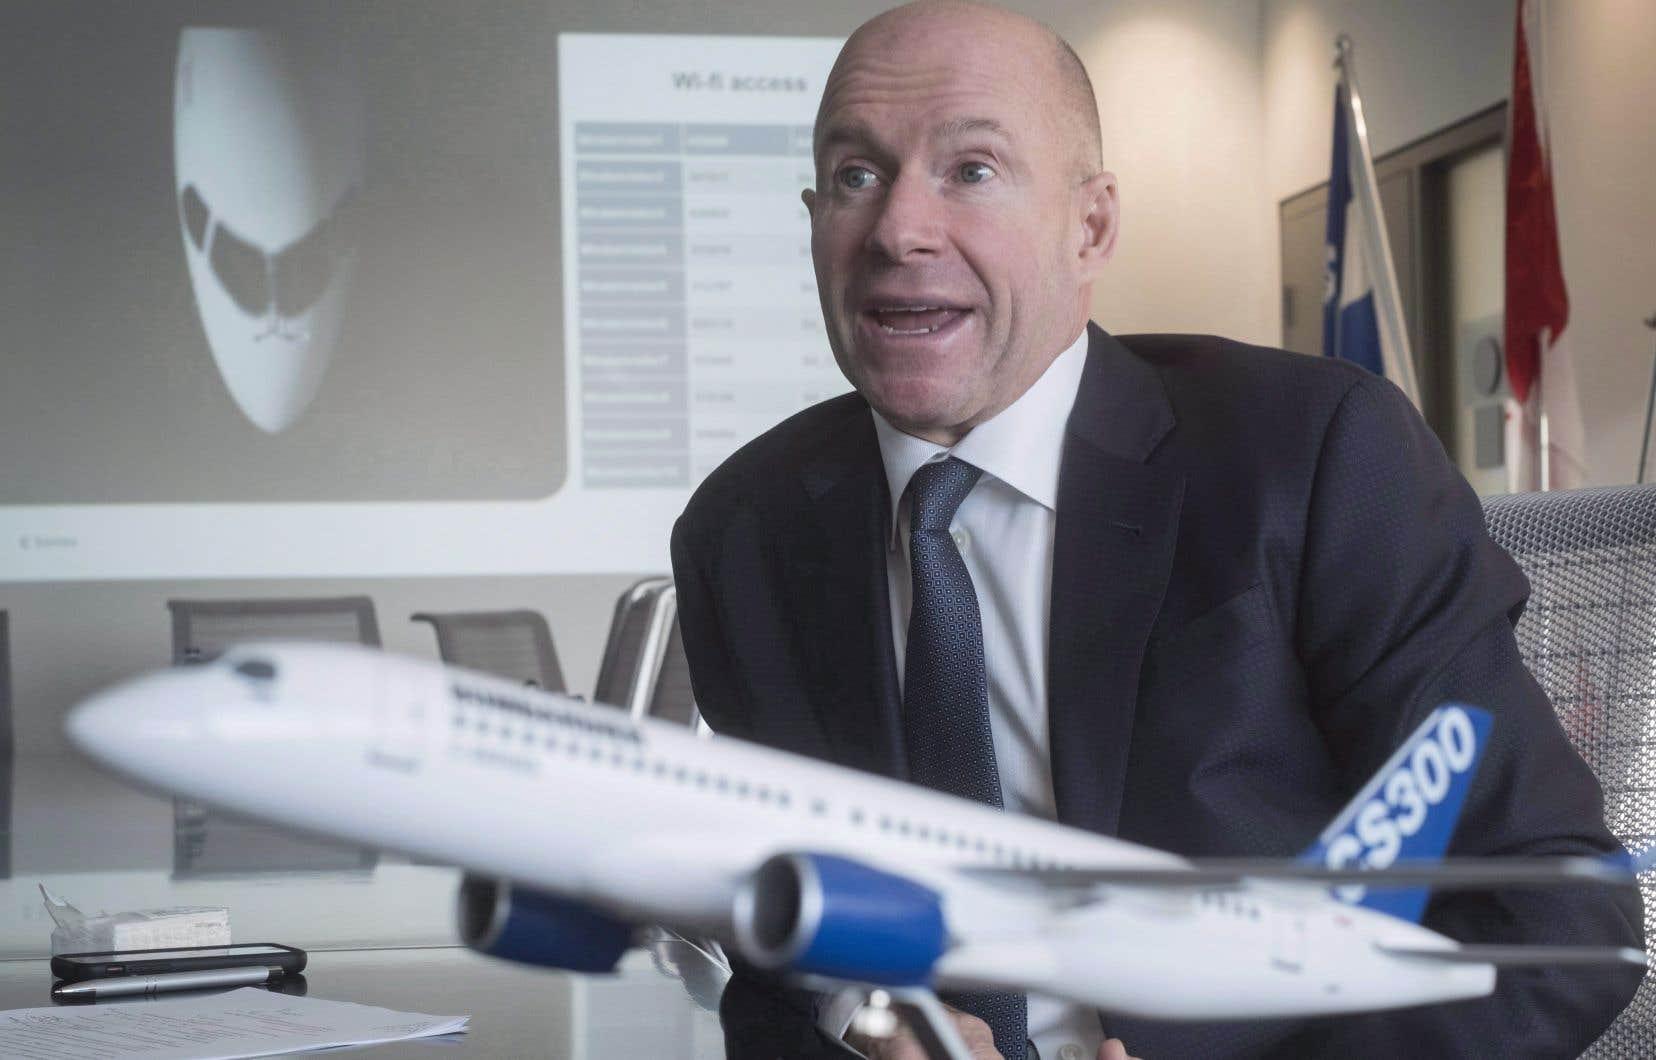 L'absence du p.-d.g. de Bombardier, Alain Bellemare, au sommet d'urgence a soulevé la colère de beaucoup de Québécois et Québécoises à l'endroit de l'entreprise, souligne l'auteur.